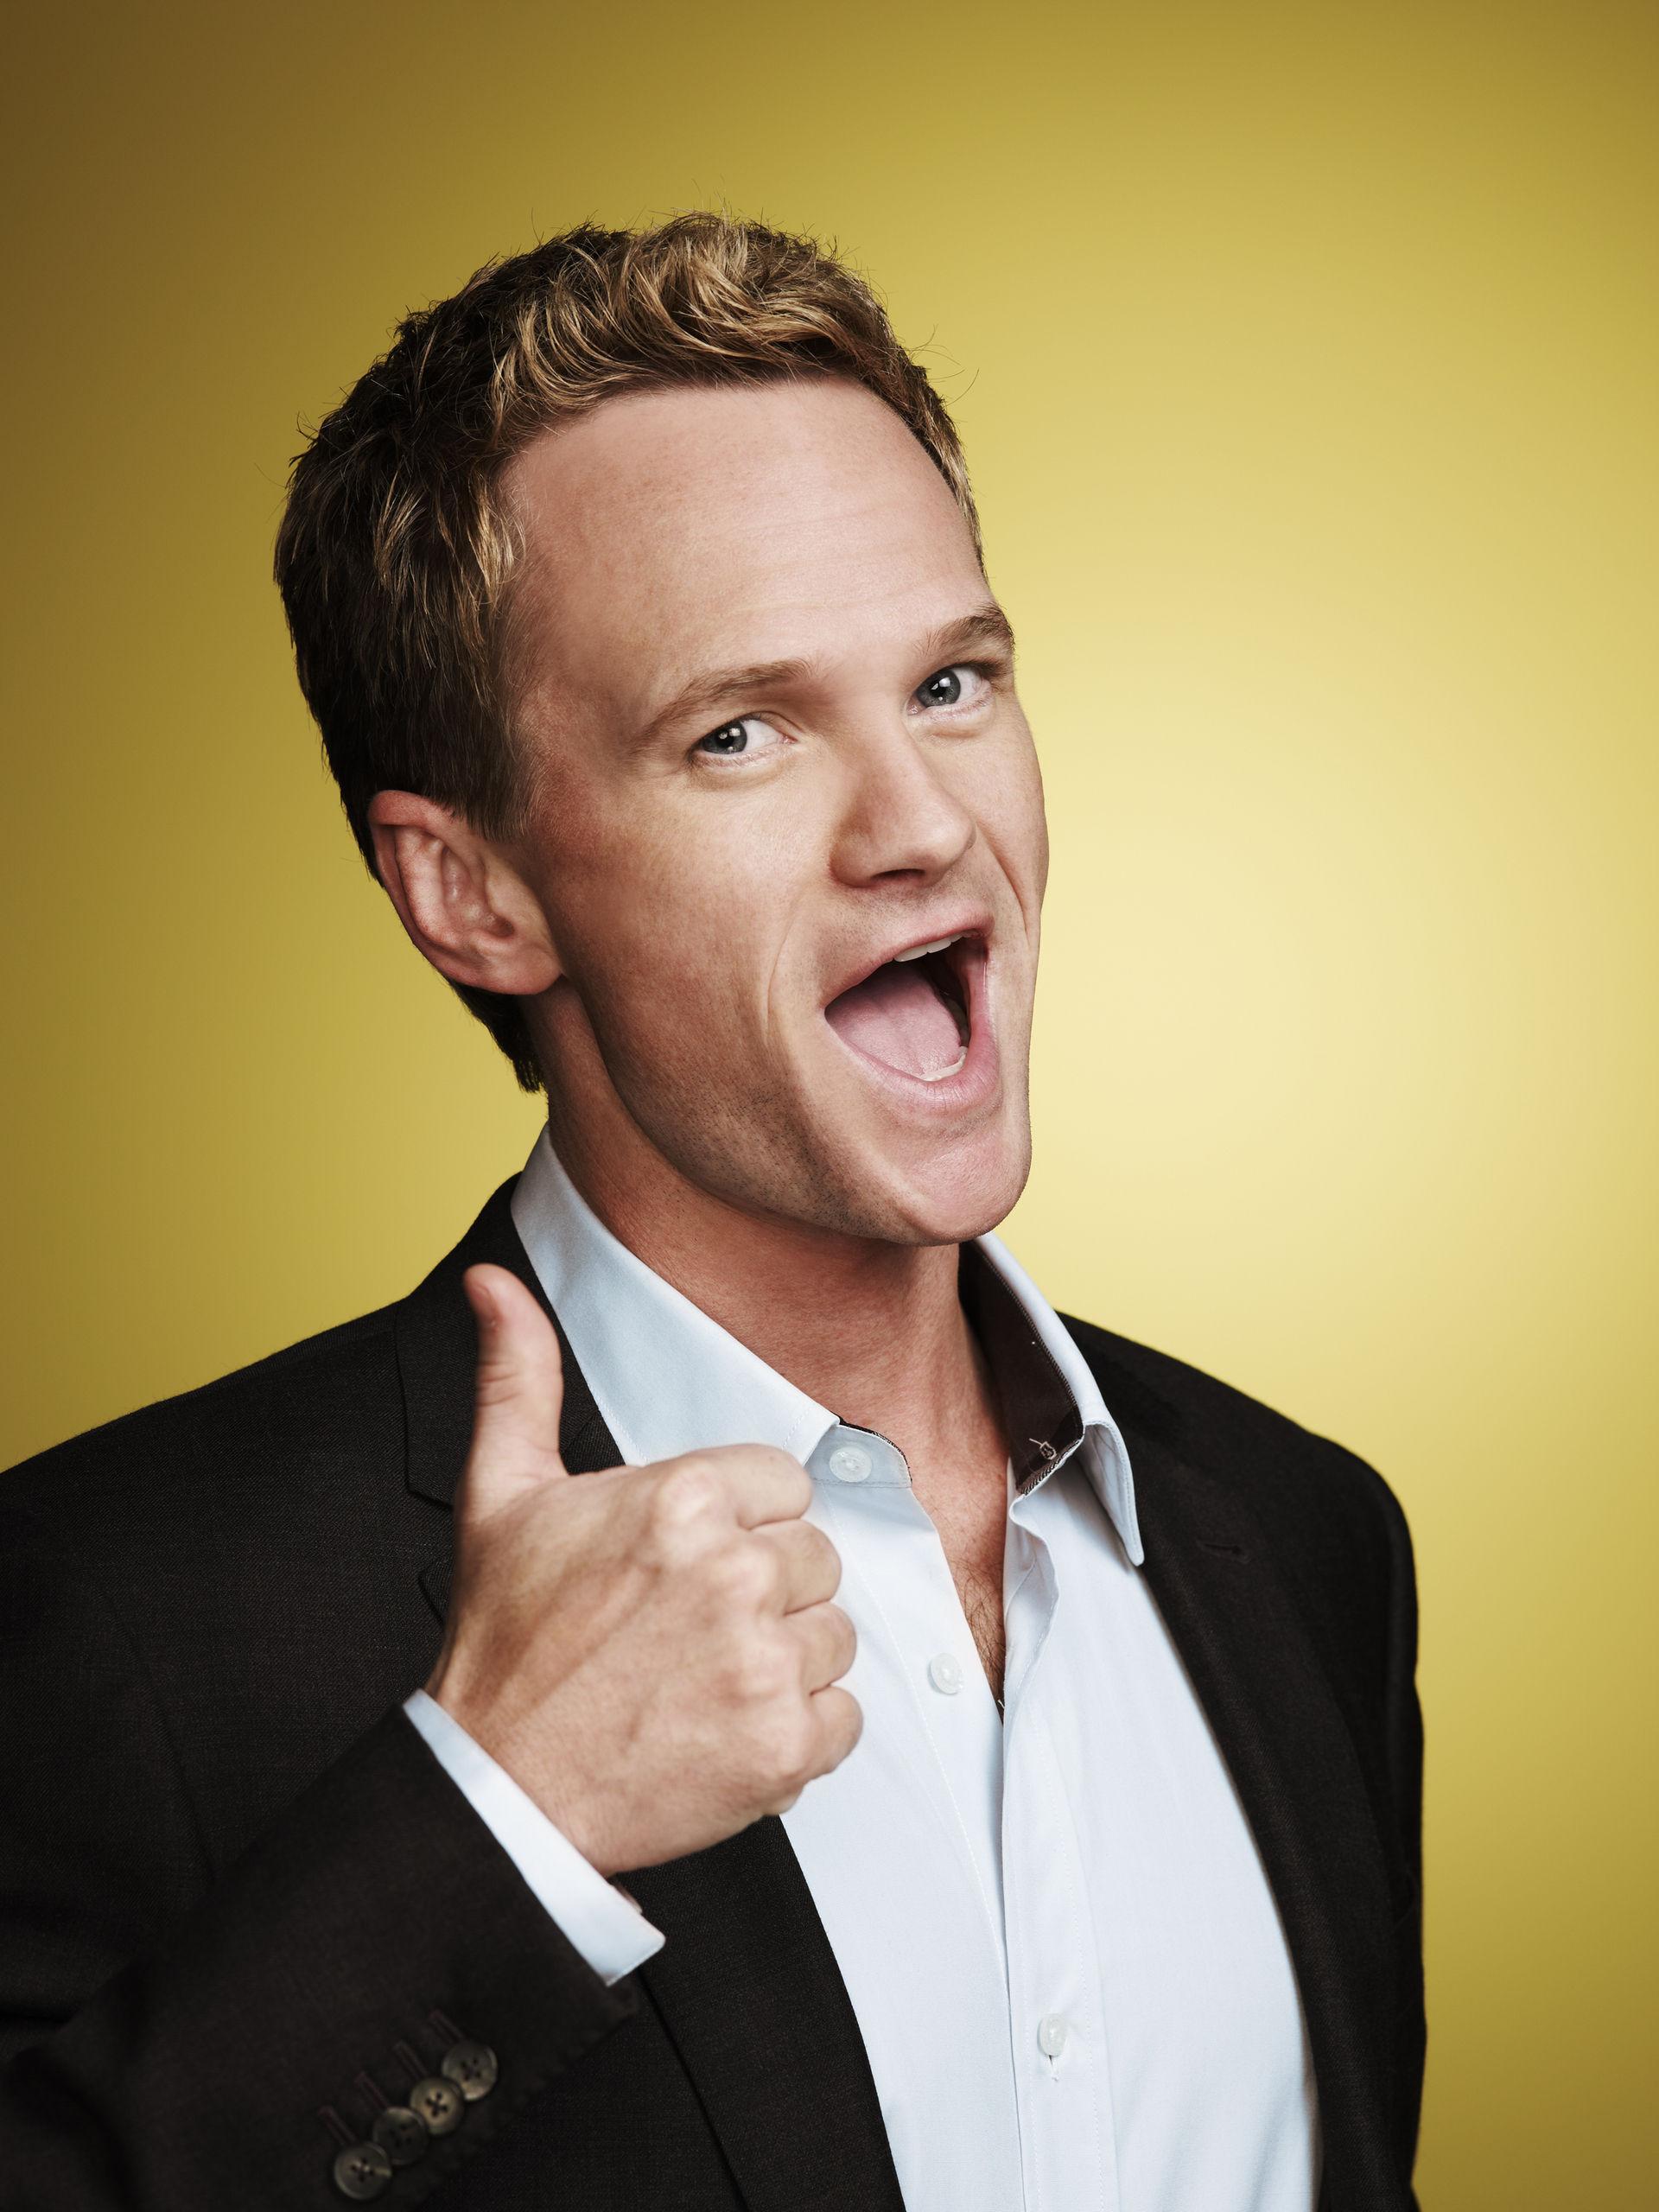 ¿En qué trabaja Barney?